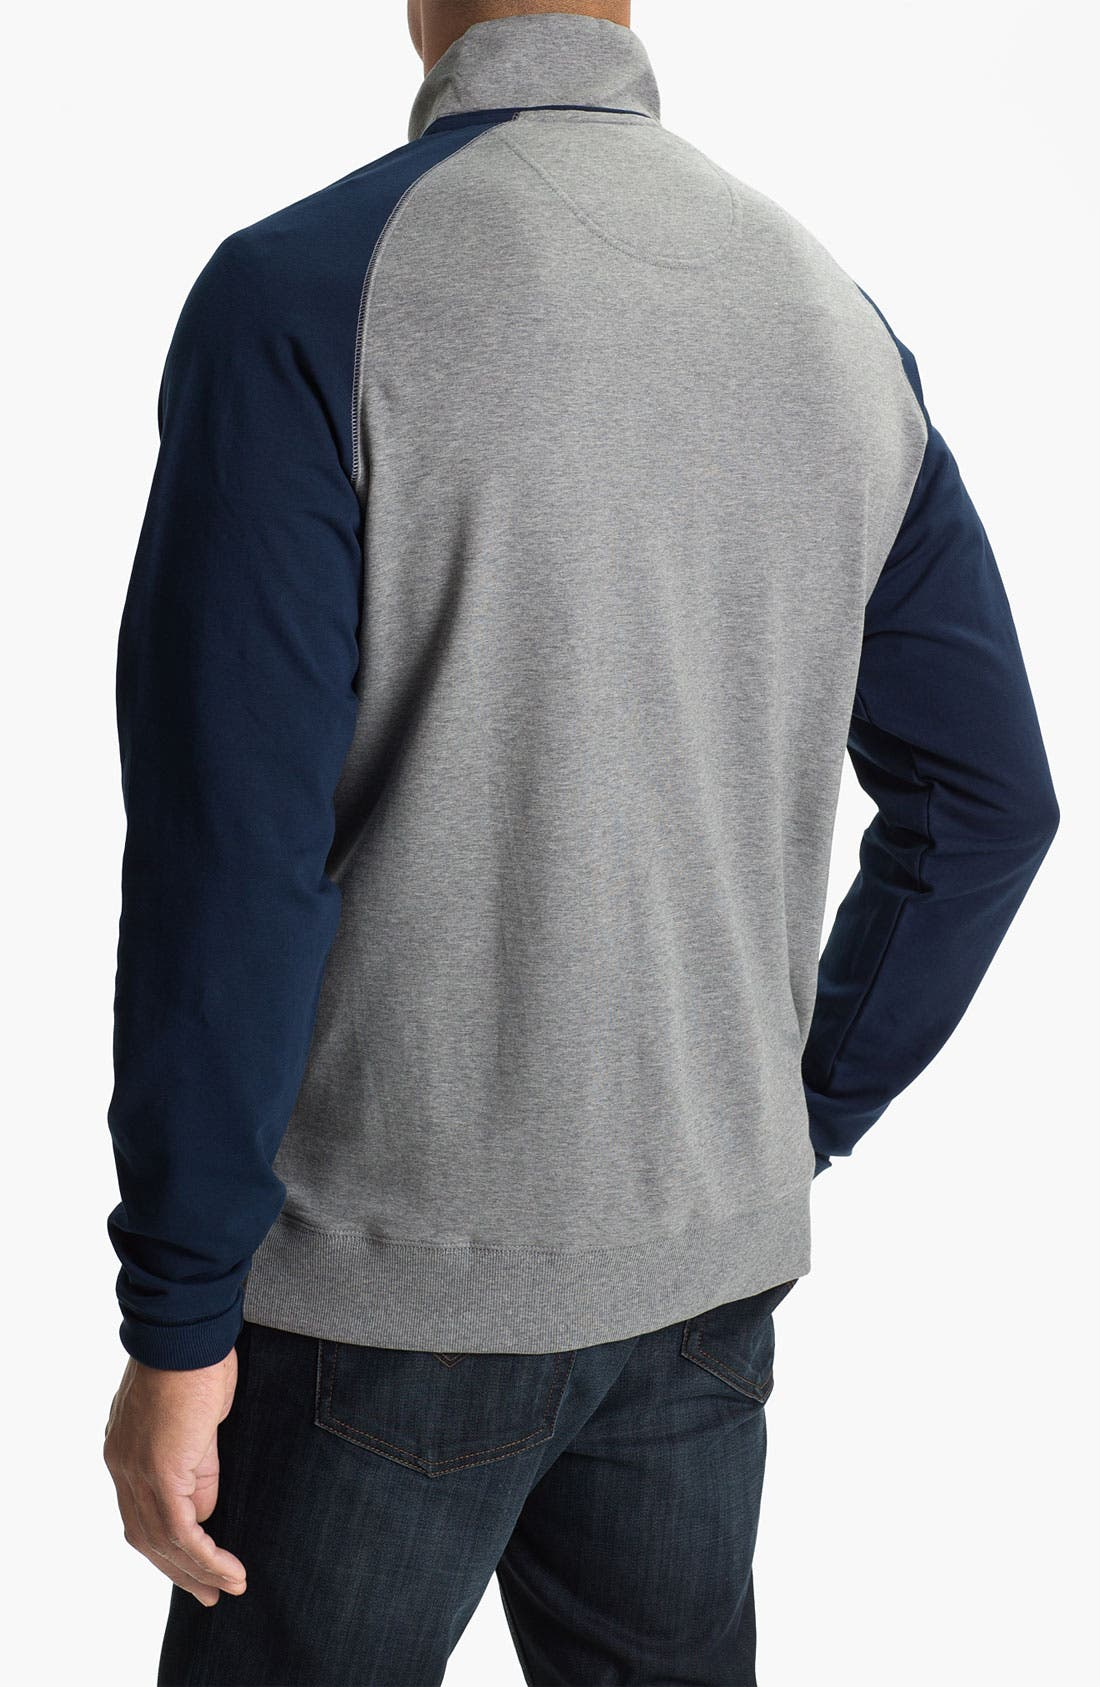 Alternate Image 2  - Cutter & Buck 'Ballinger' Half Zip Pullover (Big & Tall)